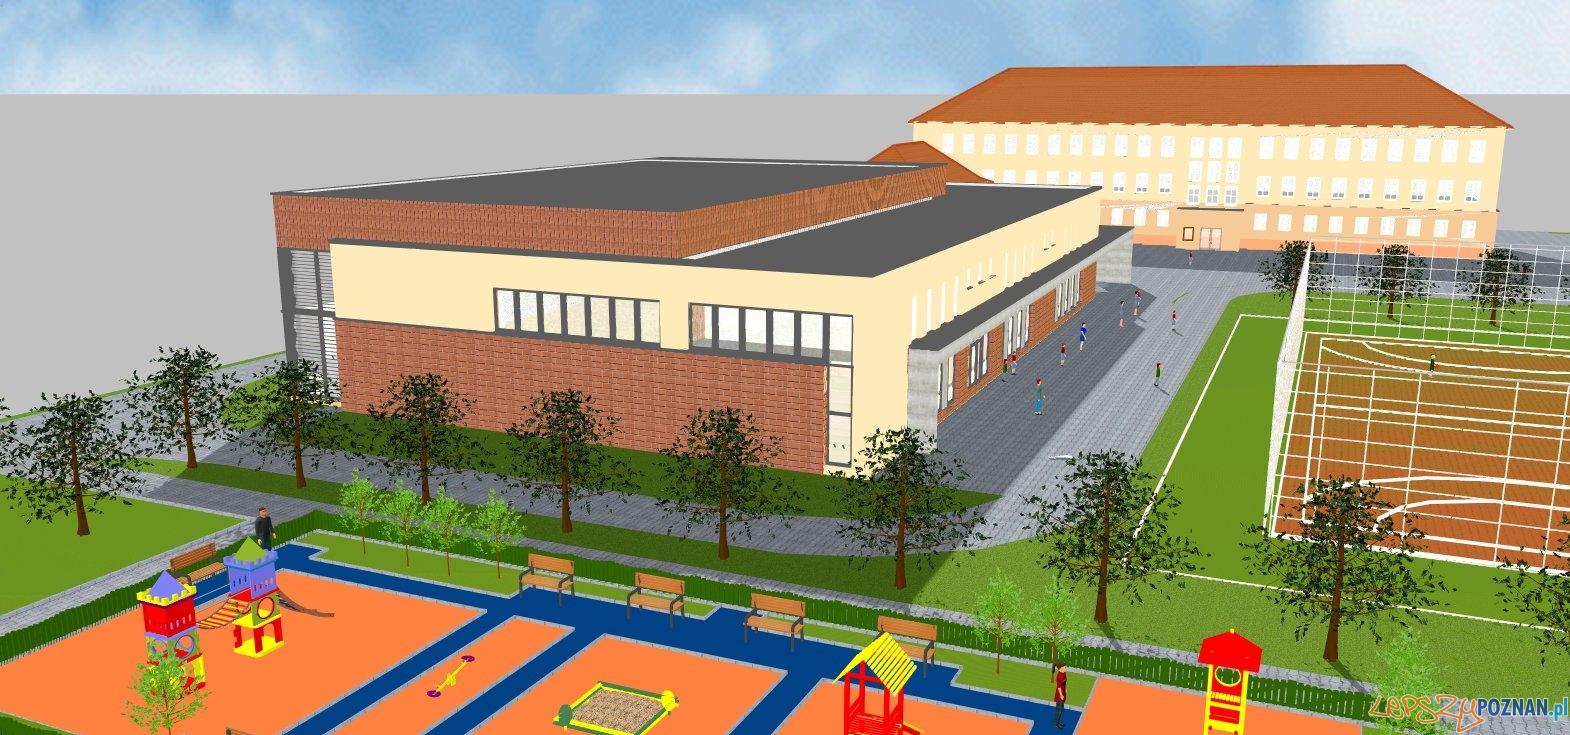 Szkoła w Swarzedzu - wizualizacja  Foto: UMiG w Swarzędzu